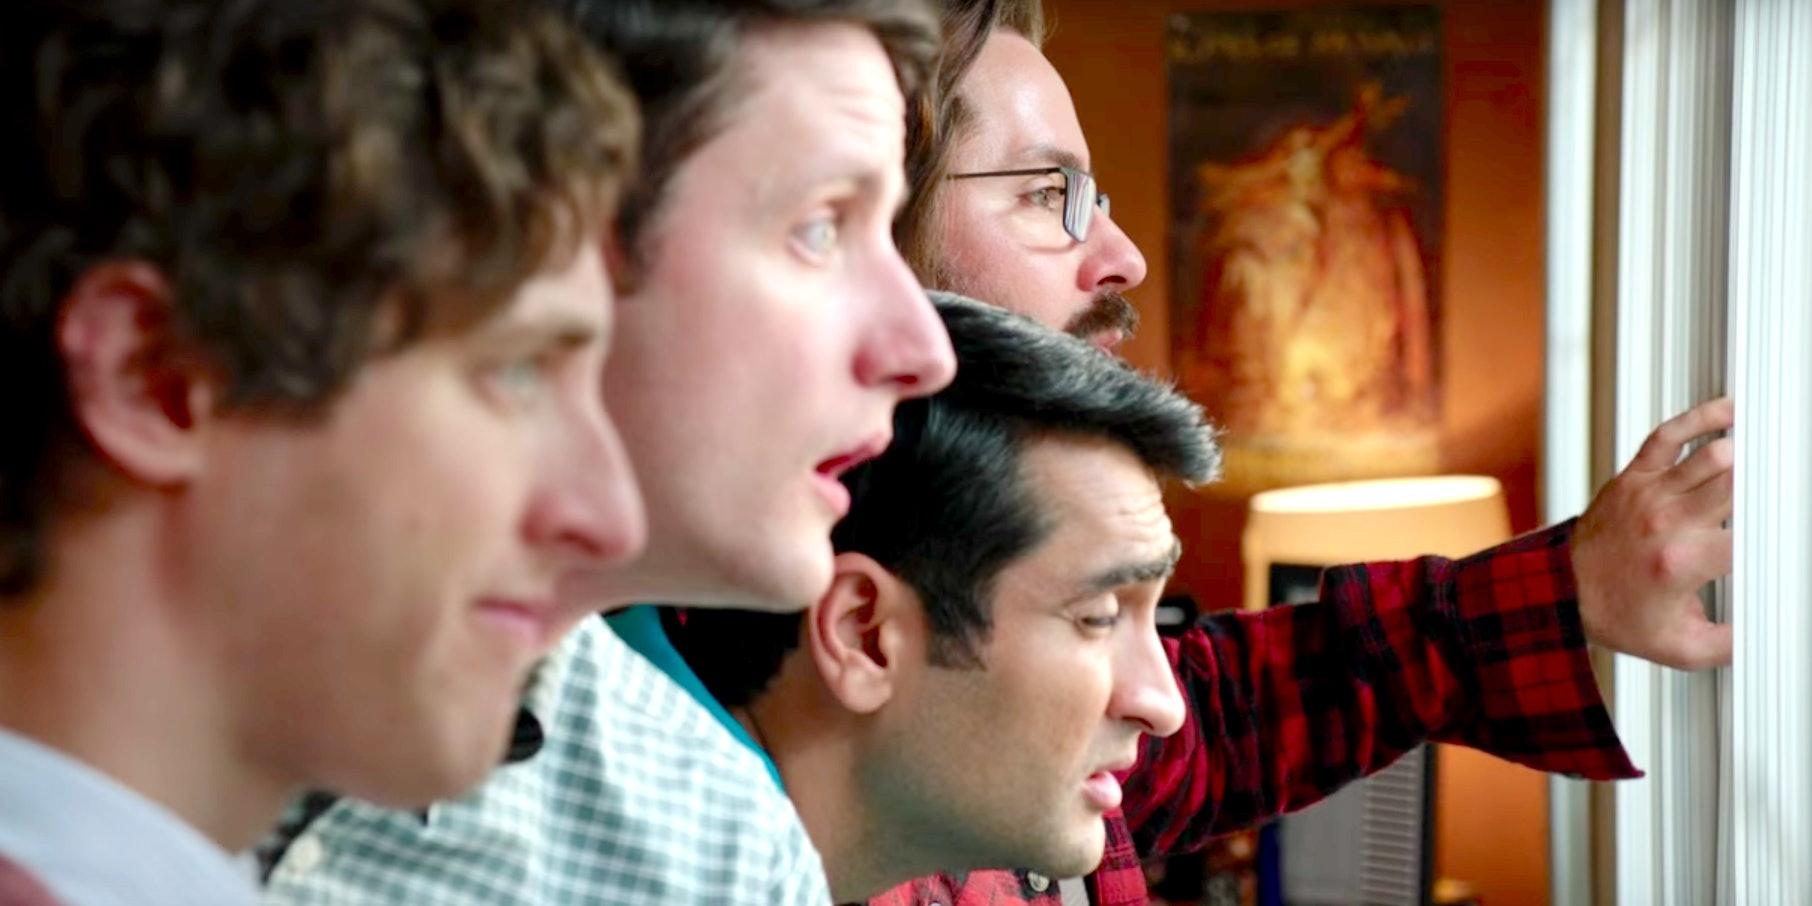 'Silicon Valley' Season 4 trailer